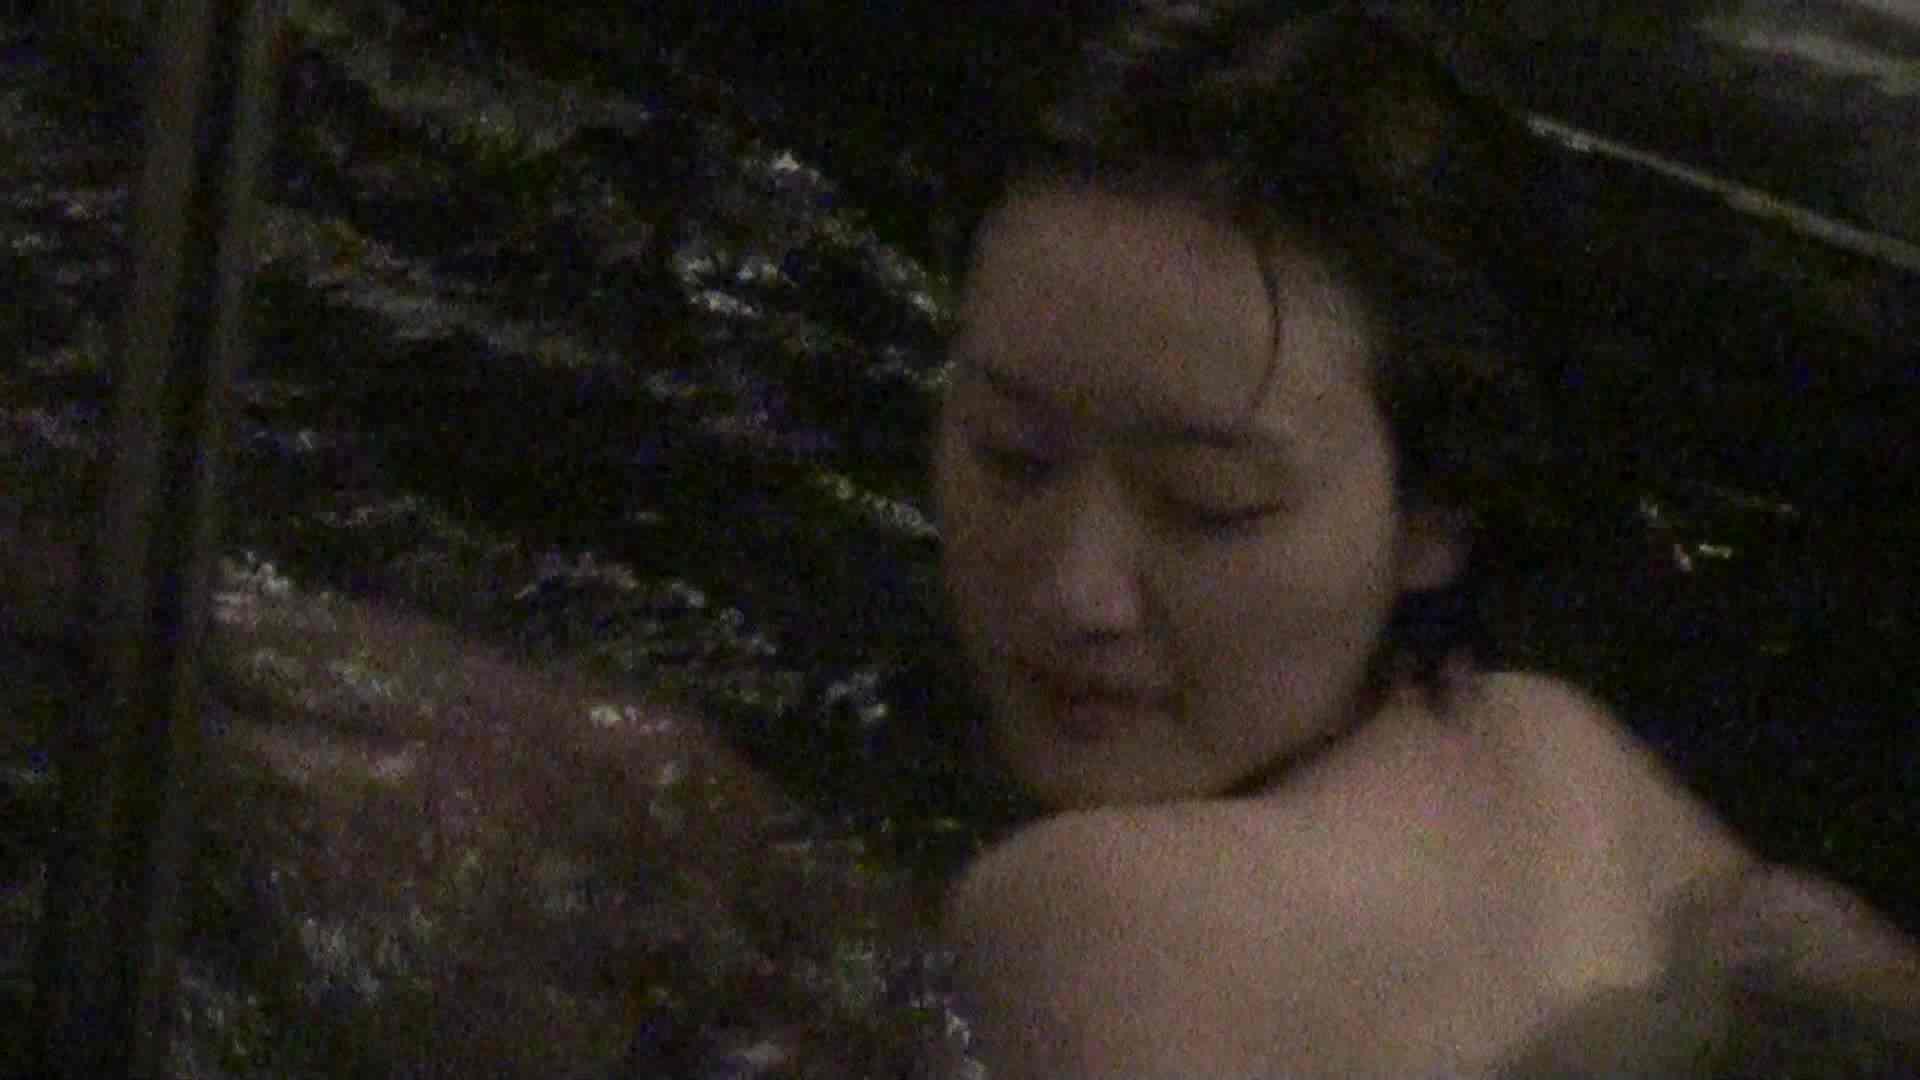 Aquaな露天風呂Vol.334 美しいOLの裸体  102pic 36